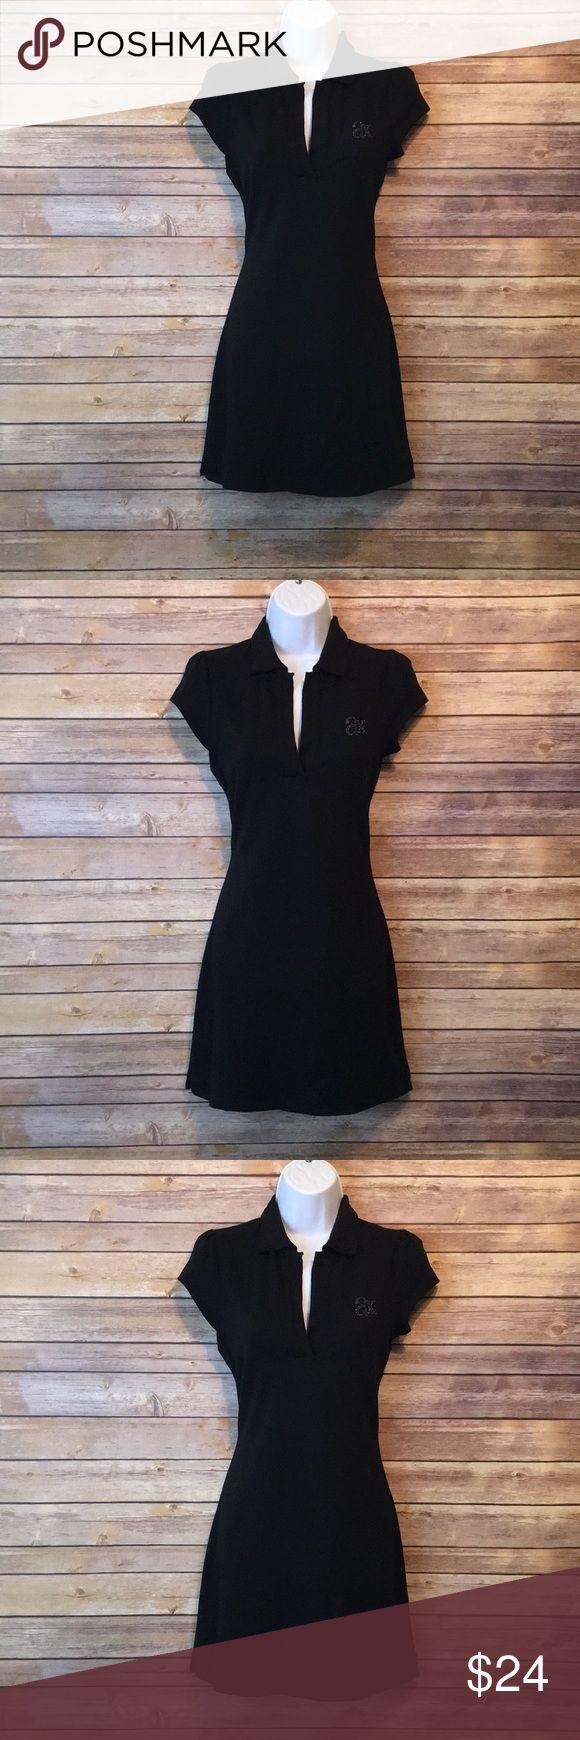 A/X Armani Exchange Women's Deep V-Neck Black A/X Armani Exchange Short sleeve Shirt dress 👗 SZ M Black A/X Armani Exchange Dresses Mini